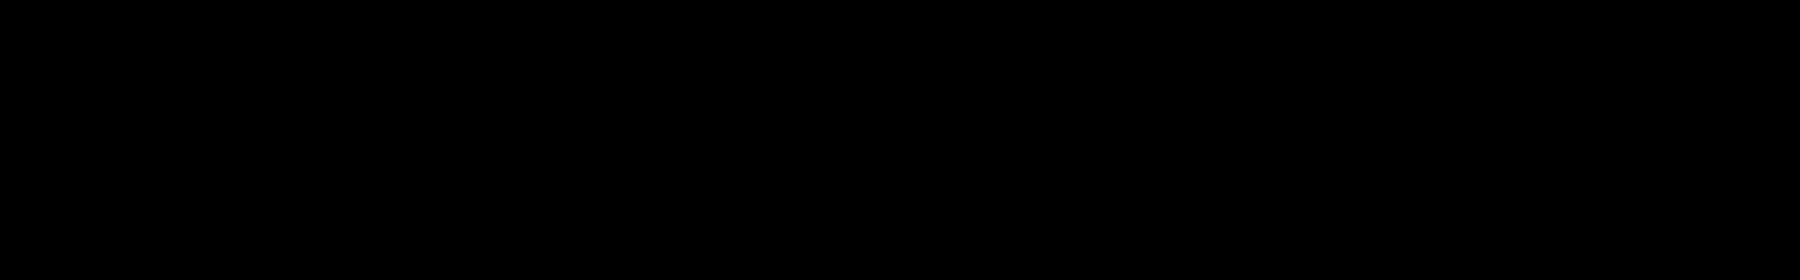 Neural Ignition (Sylenth1) audio waveform